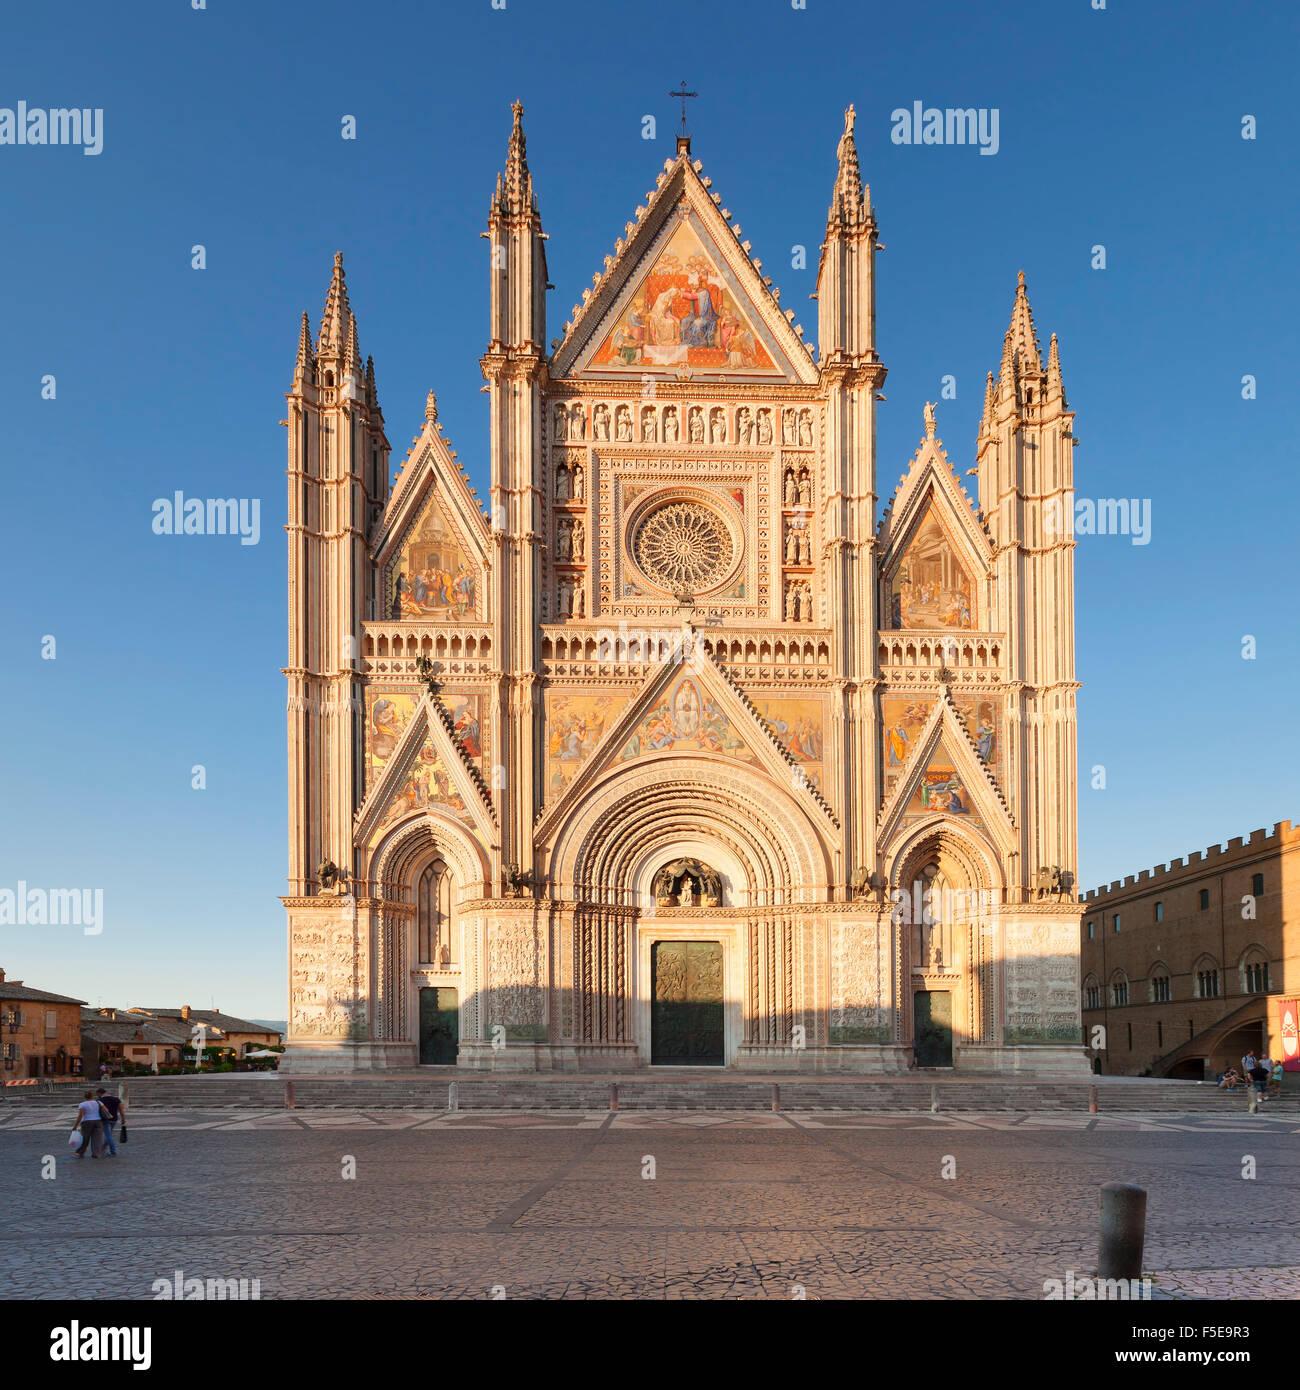 Vista de la Catedral de Santa María, Orvieto, provincia de Terni, en Umbría, Italia, Europa Imagen De Stock